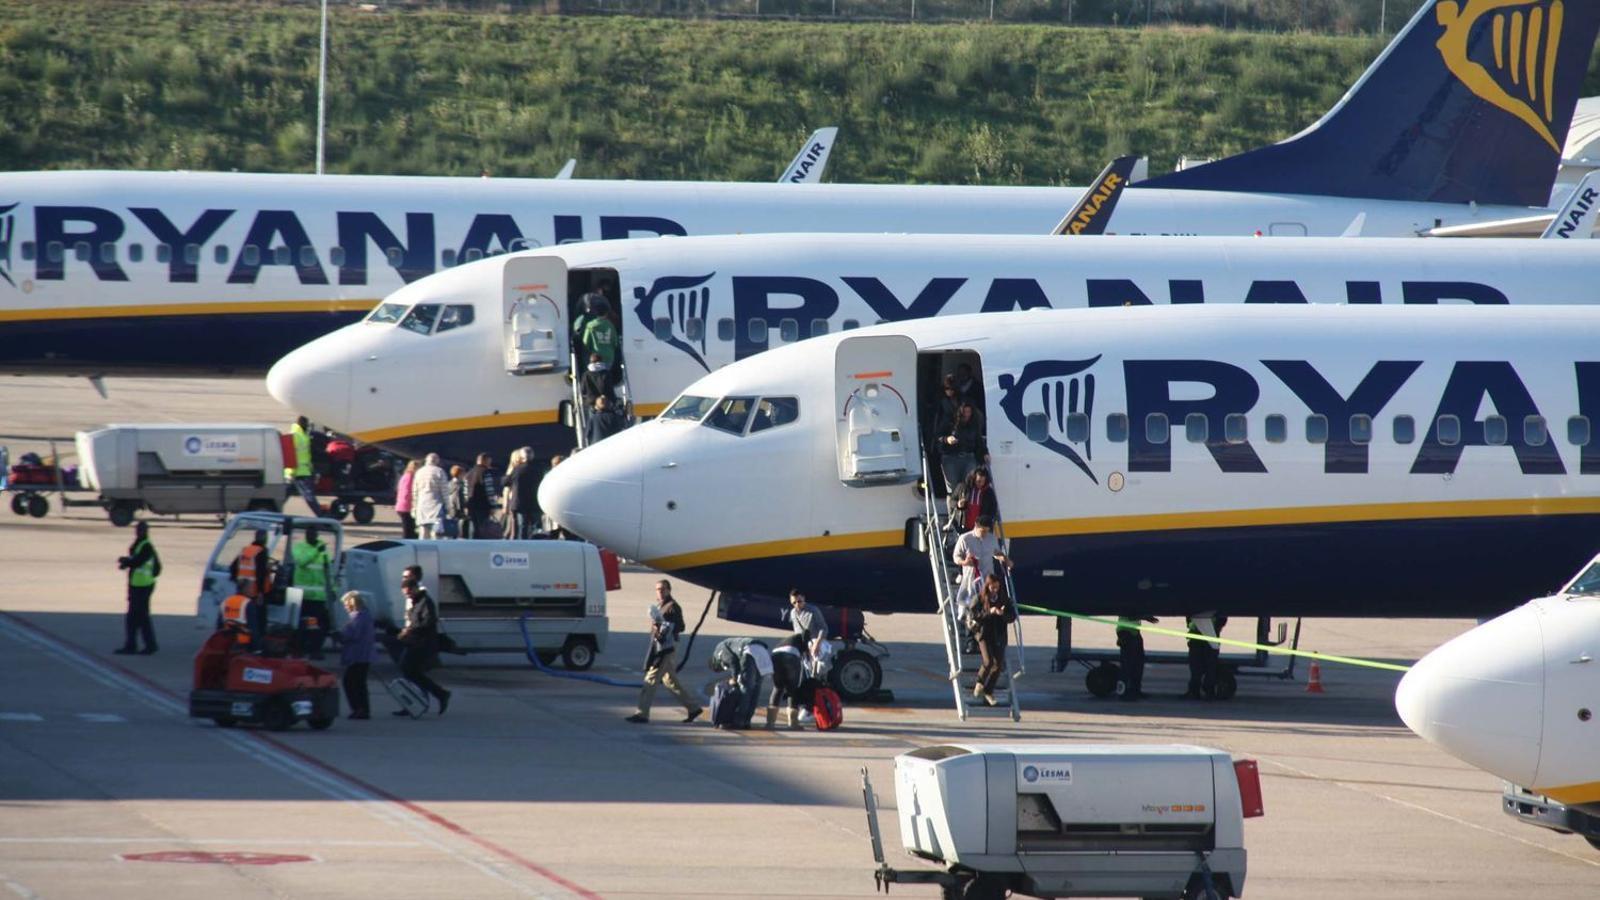 La nova política de facturació d'equipatges de Ryanair entrarà en vigor dia 1 de novembre